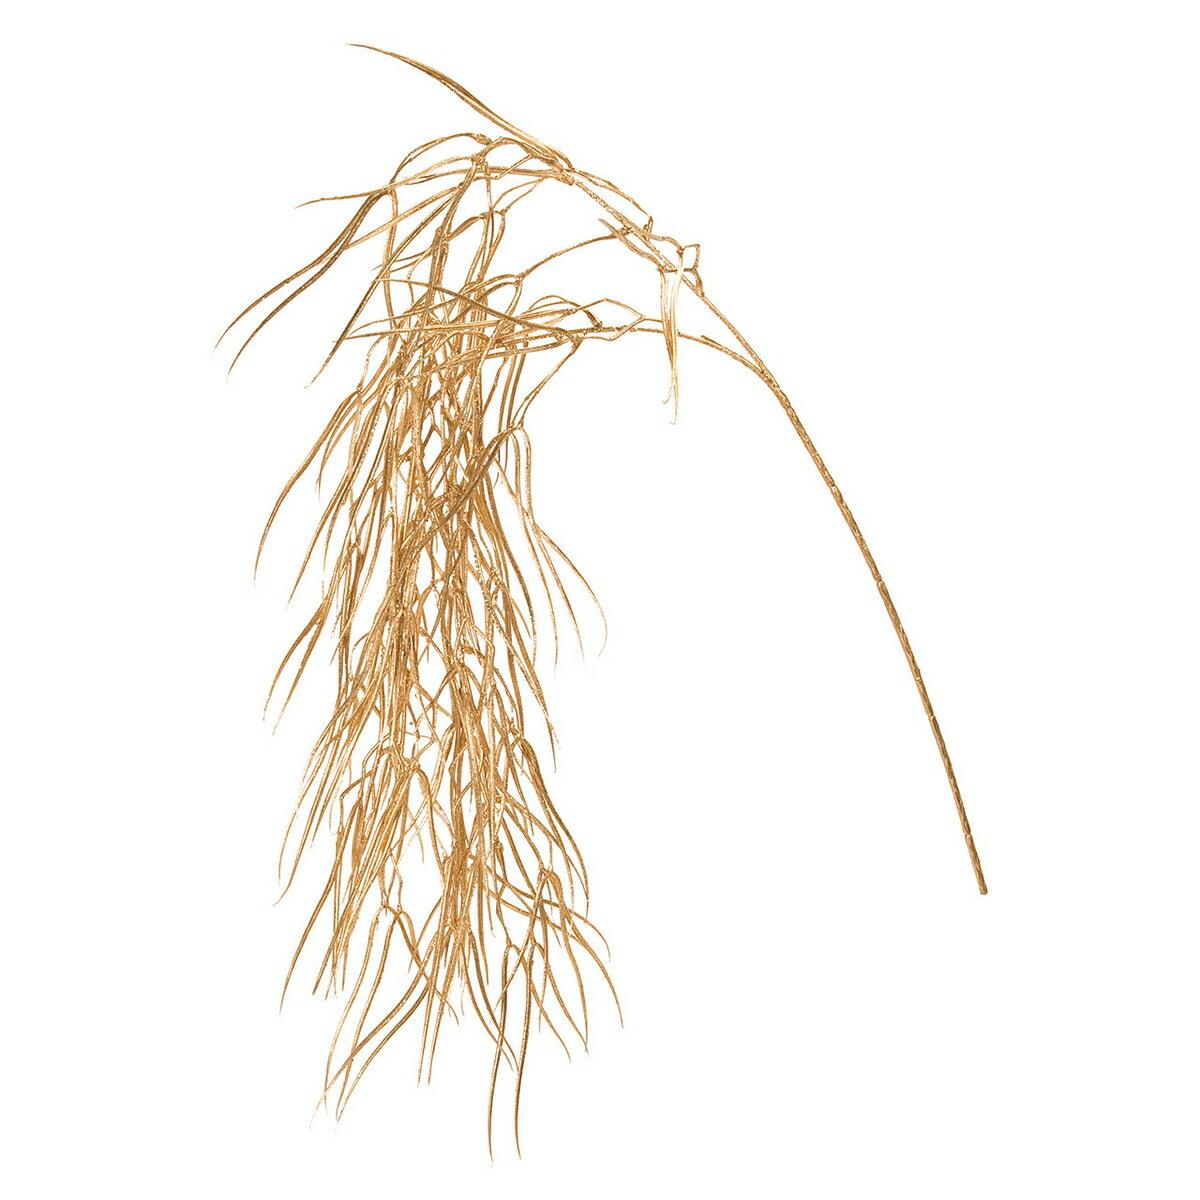 【造花】東京堂(MAGIQ)/ゴールドミルクブッシュ GOLD/FJ008220【01】【取寄】《 造花(アーティフィシャルフラワー) 造花葉物、フェイクグリーン その他の造花葉物・フェイクグリーン 》